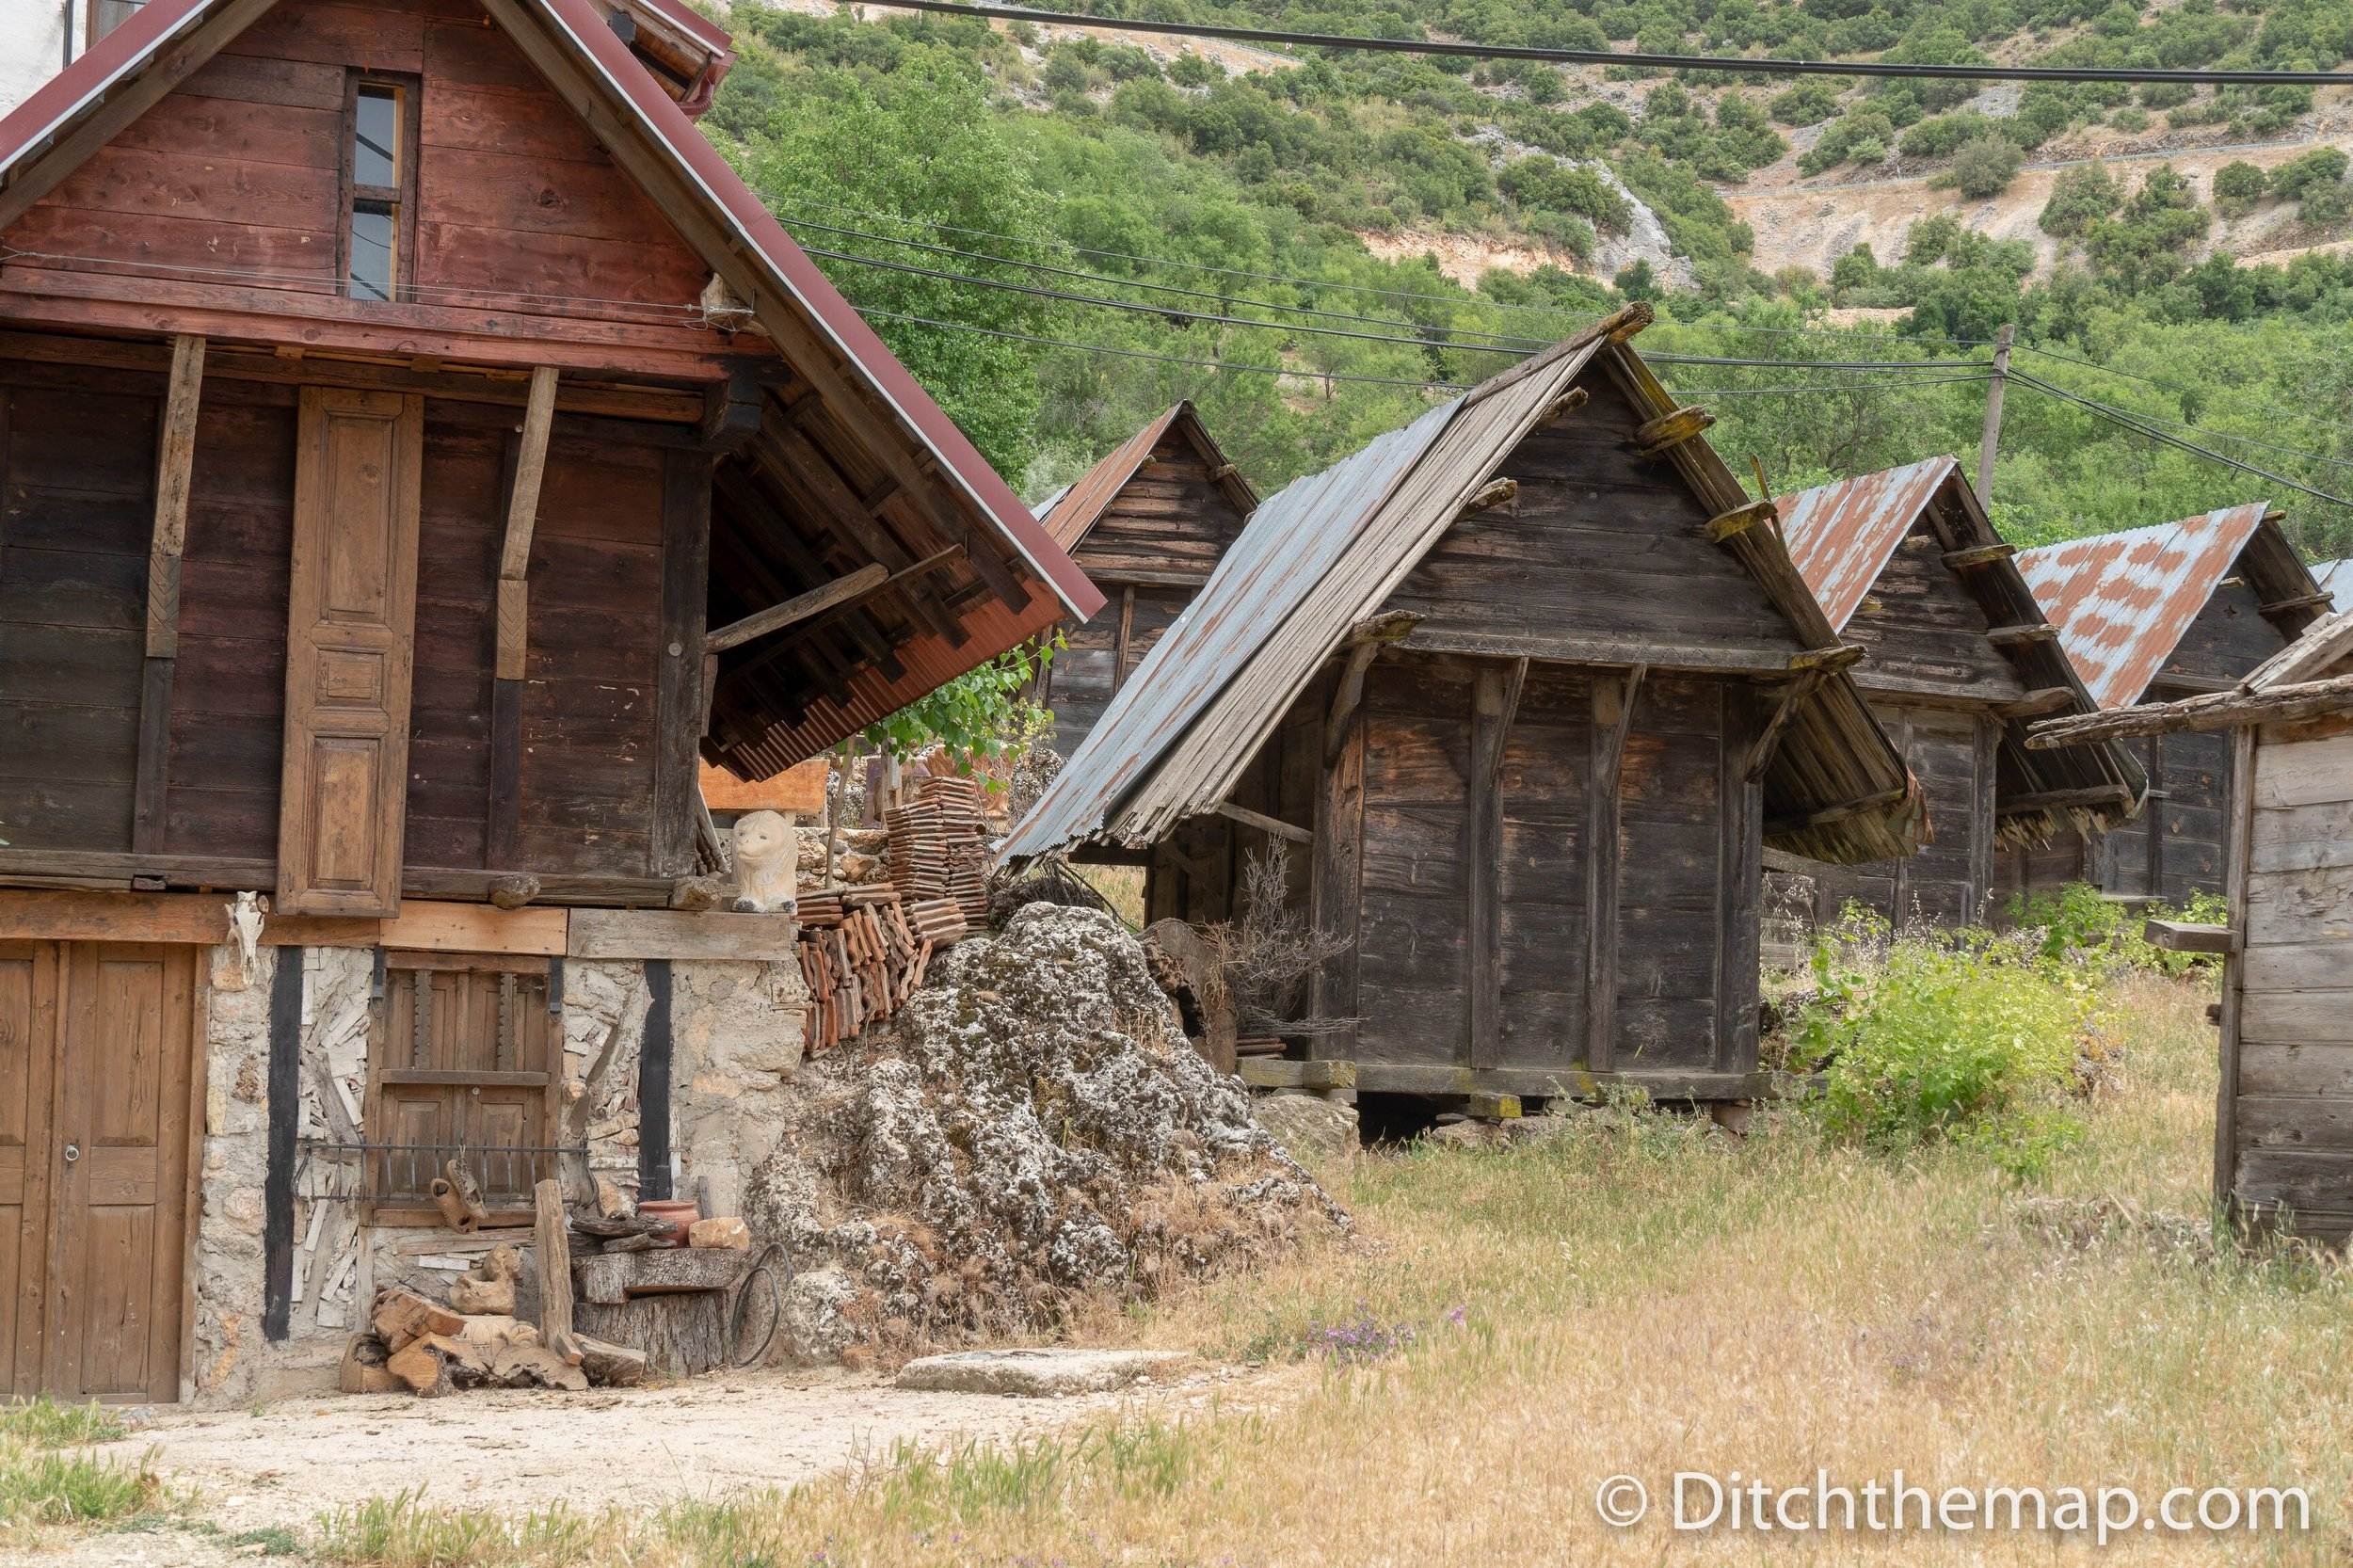 Grain storage in Gökçeören